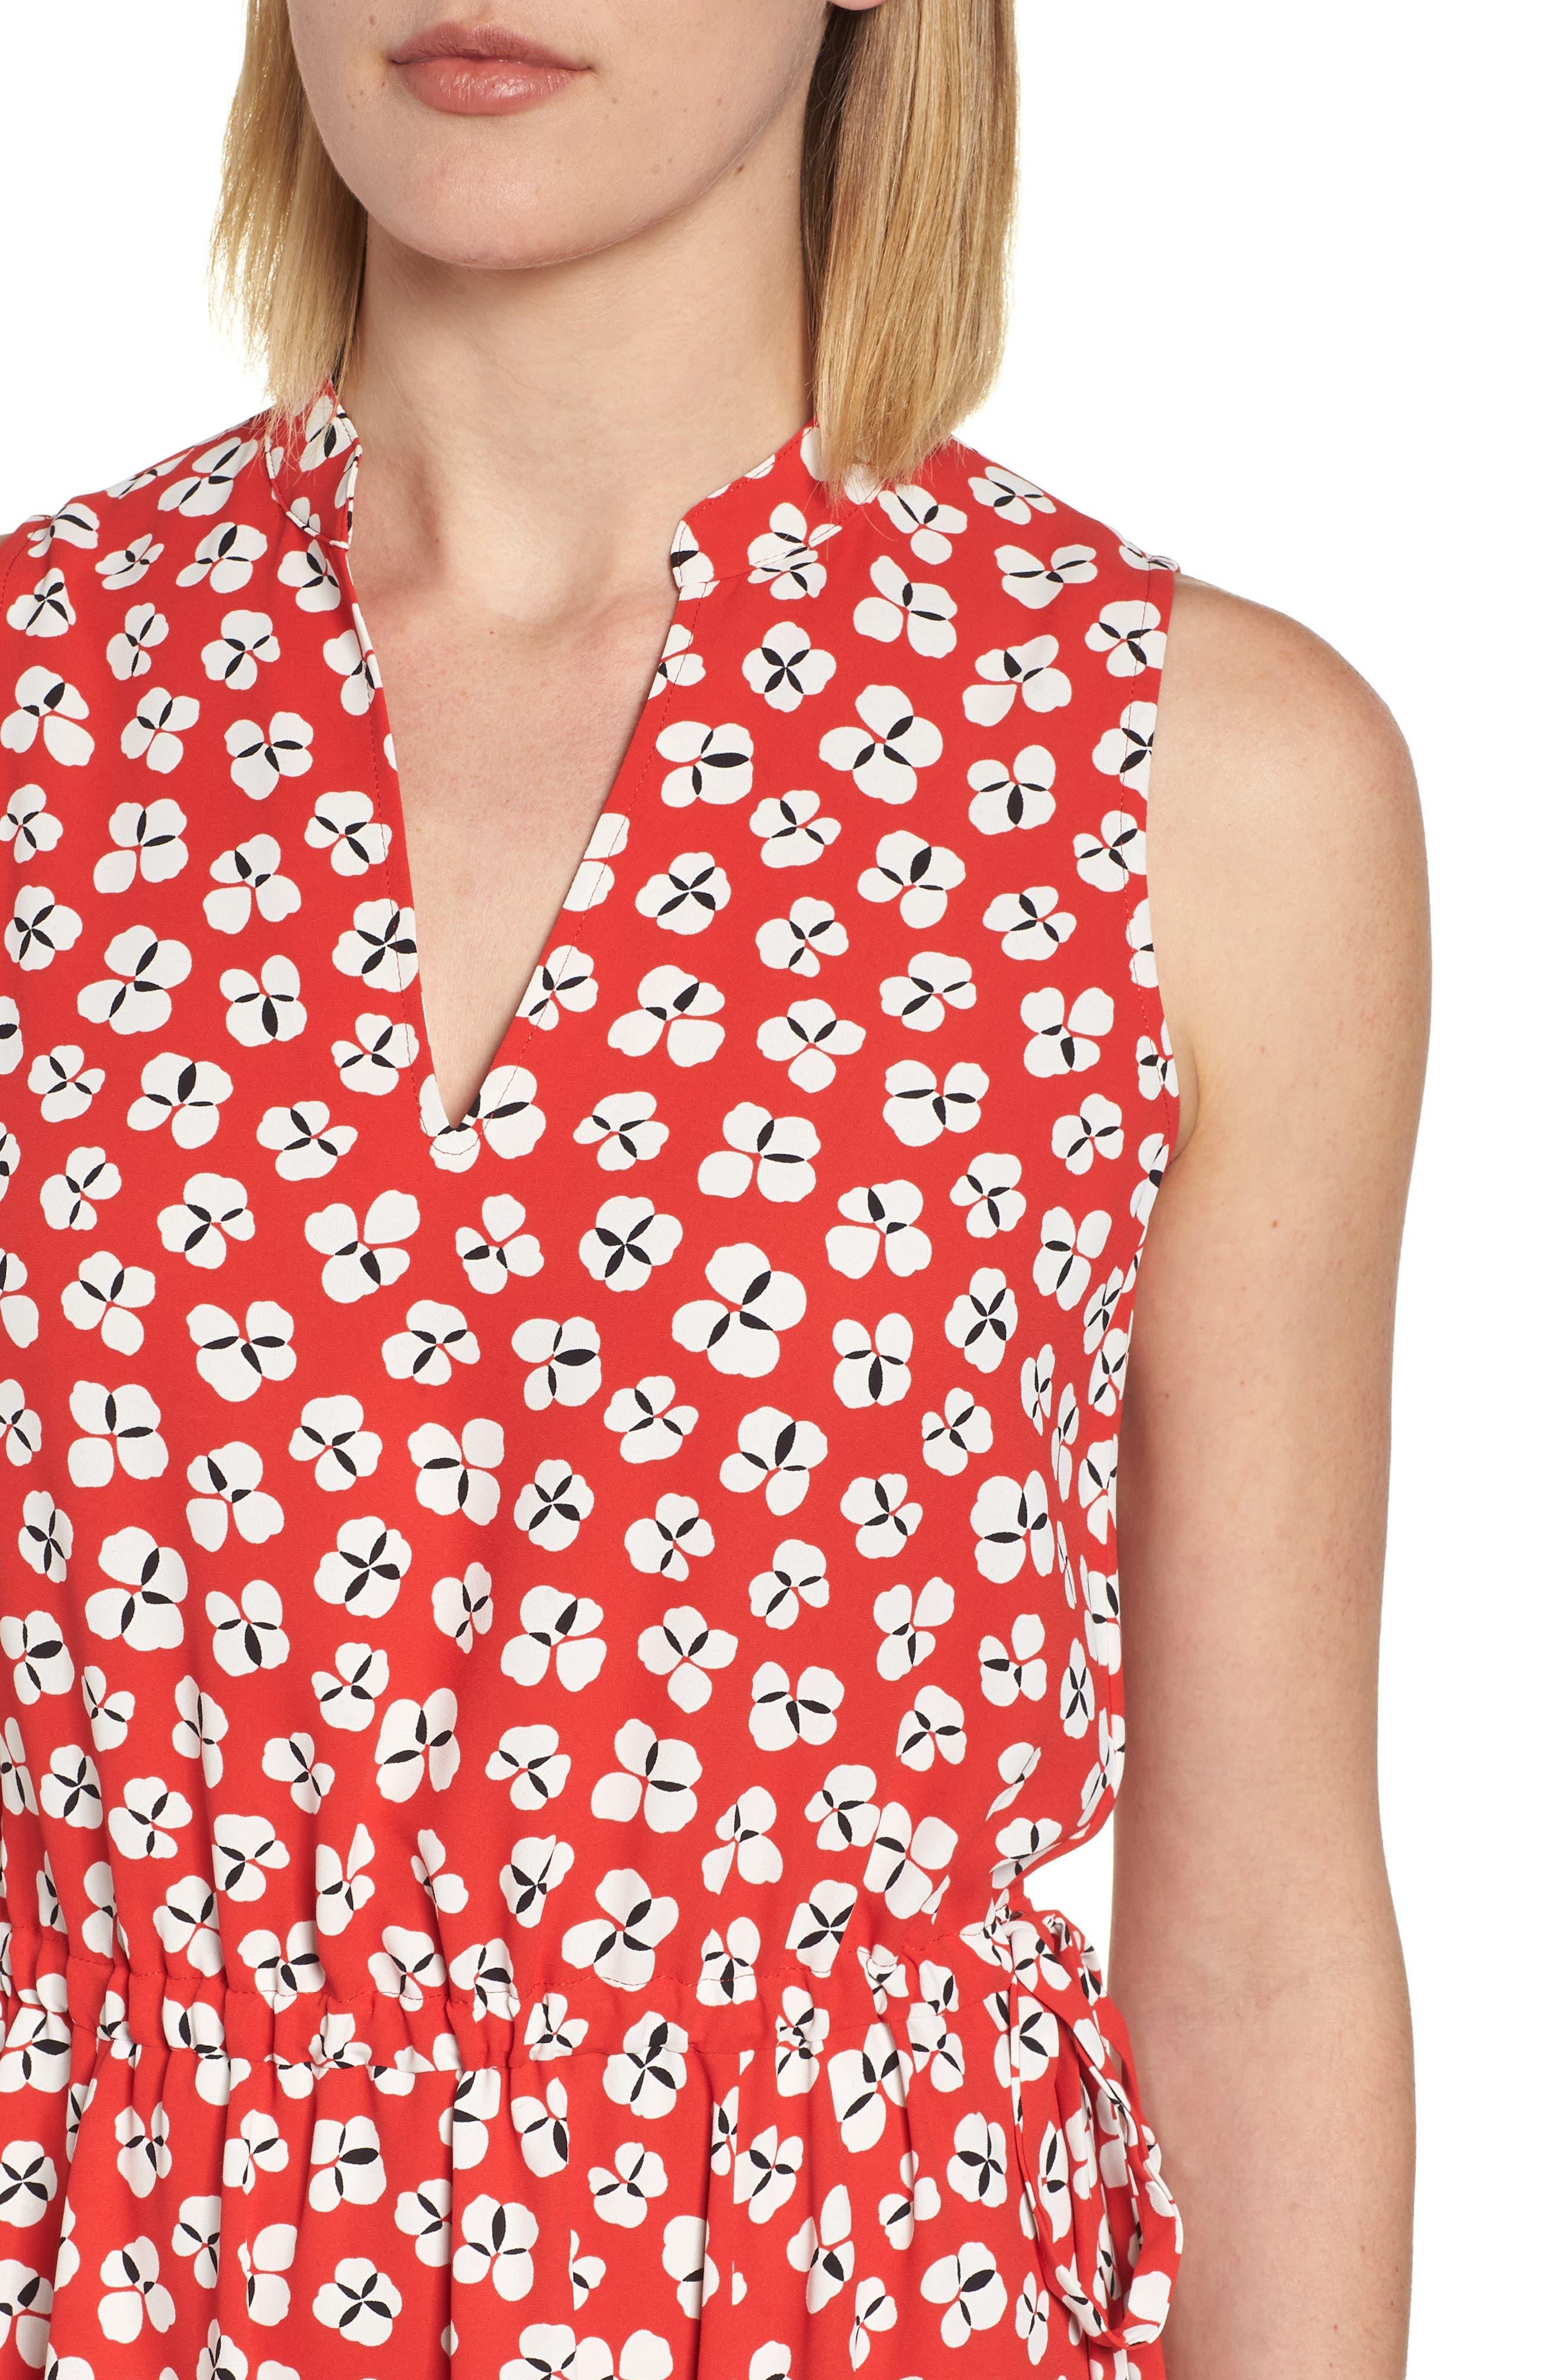 Zuma Petal Drawstring Midi Dress,                             Alternate thumbnail 4, color,                             Tomato/ Parchment Combo